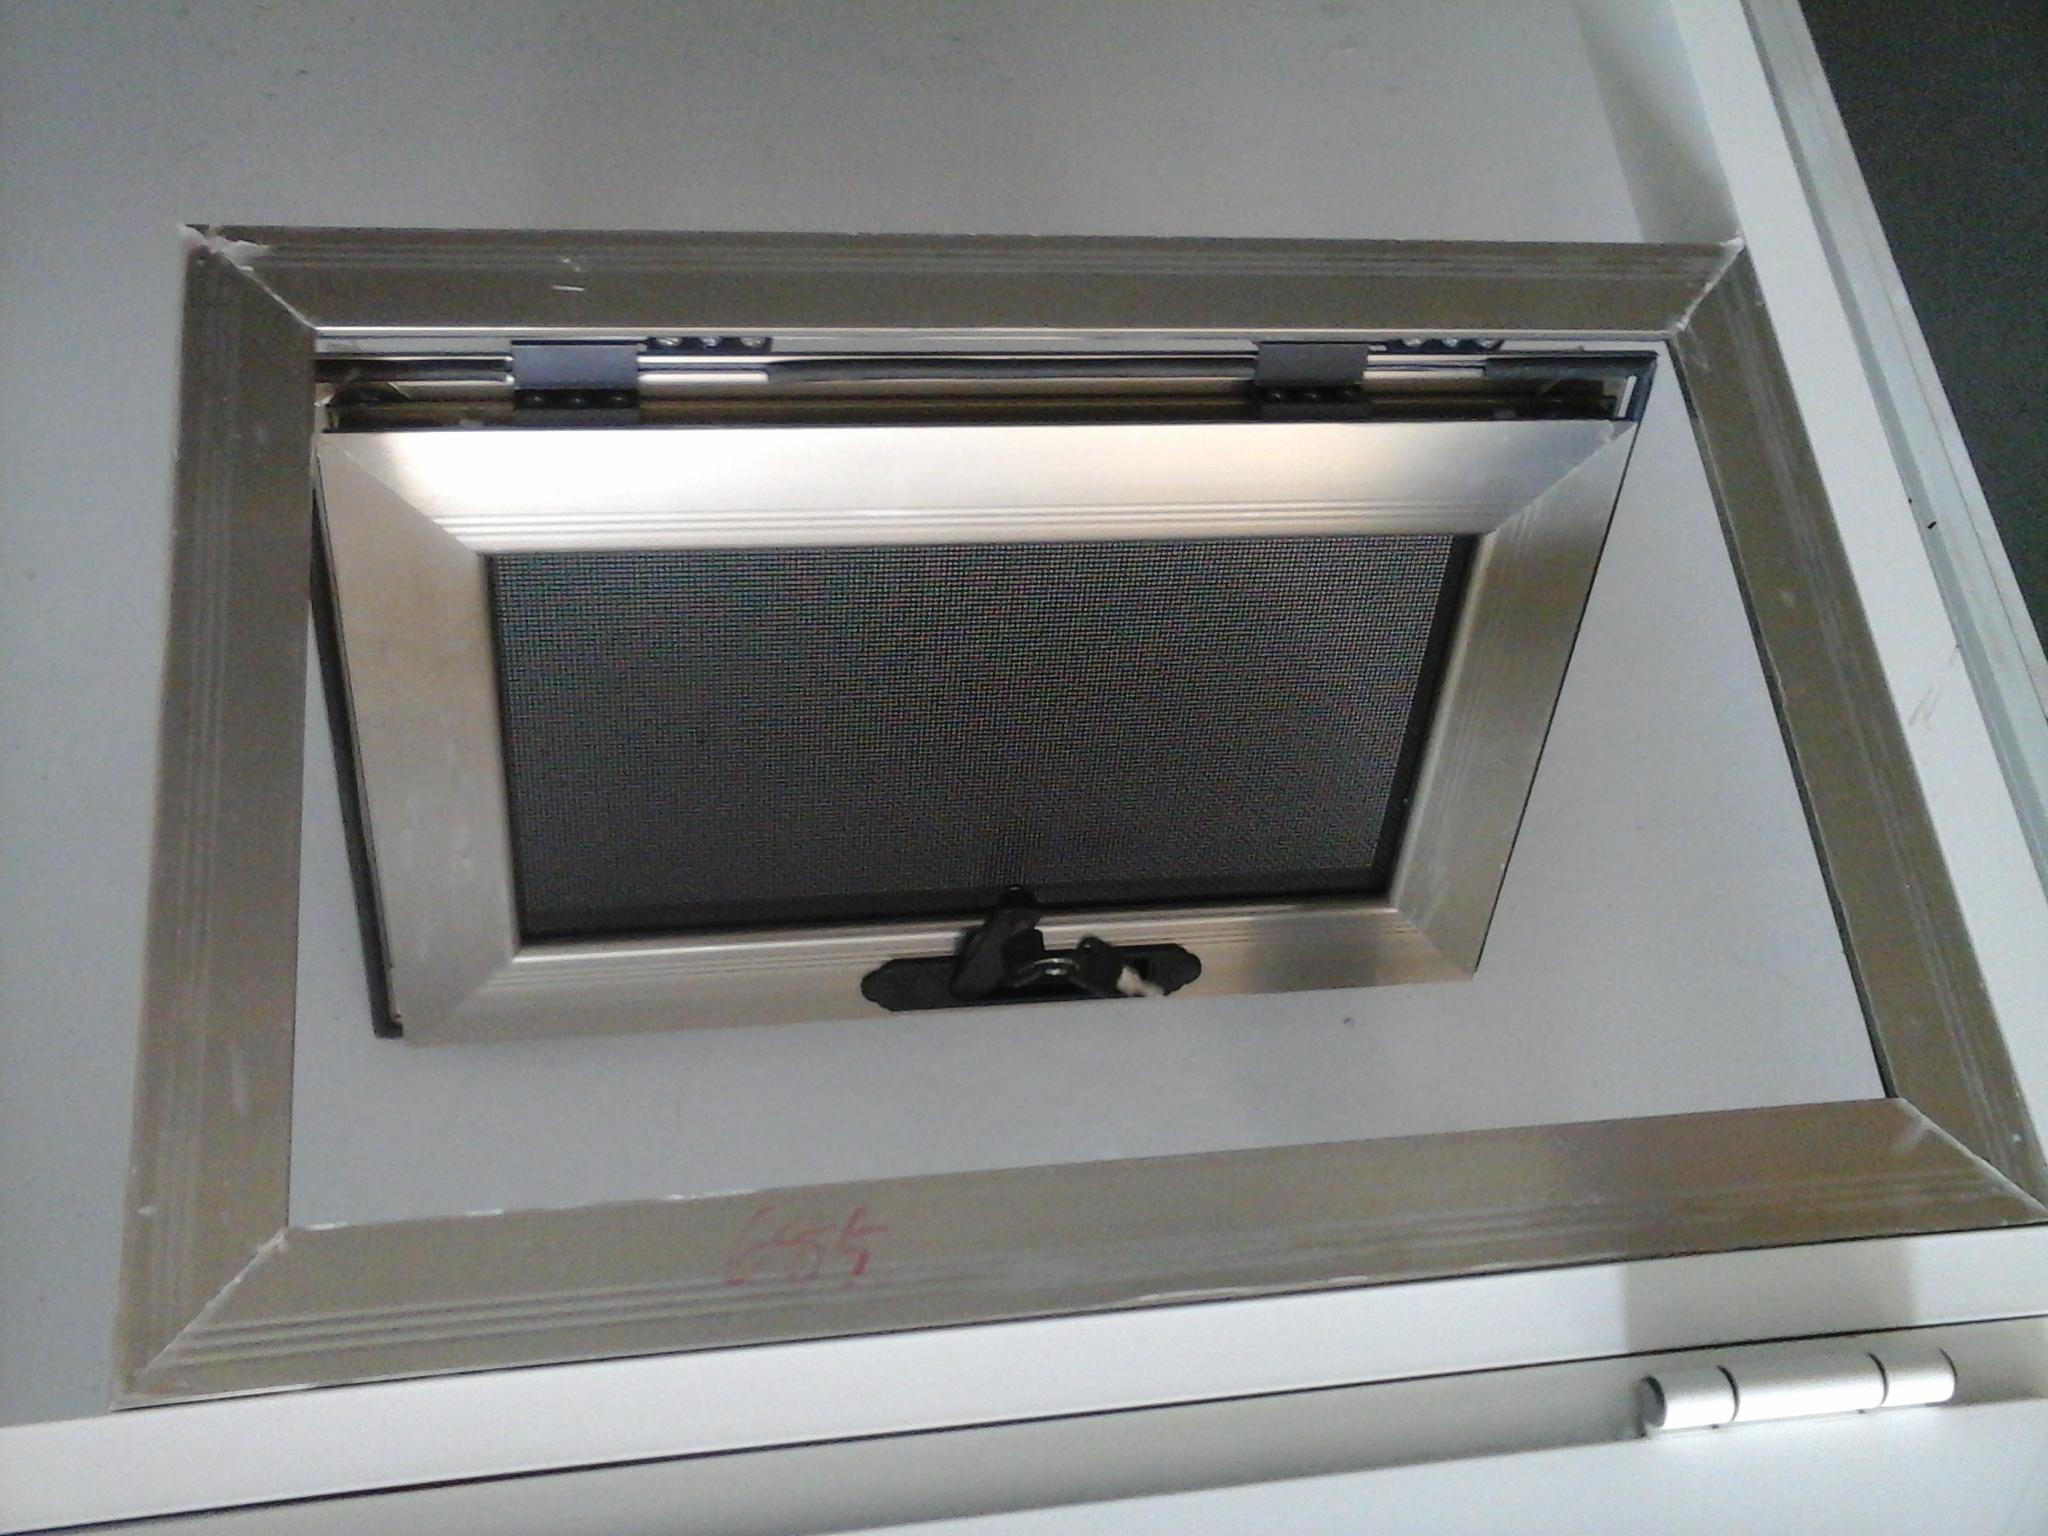 金刚网防盗窗供应 买质量好的烟台金刚网防盗窗优选东阿门窗厂